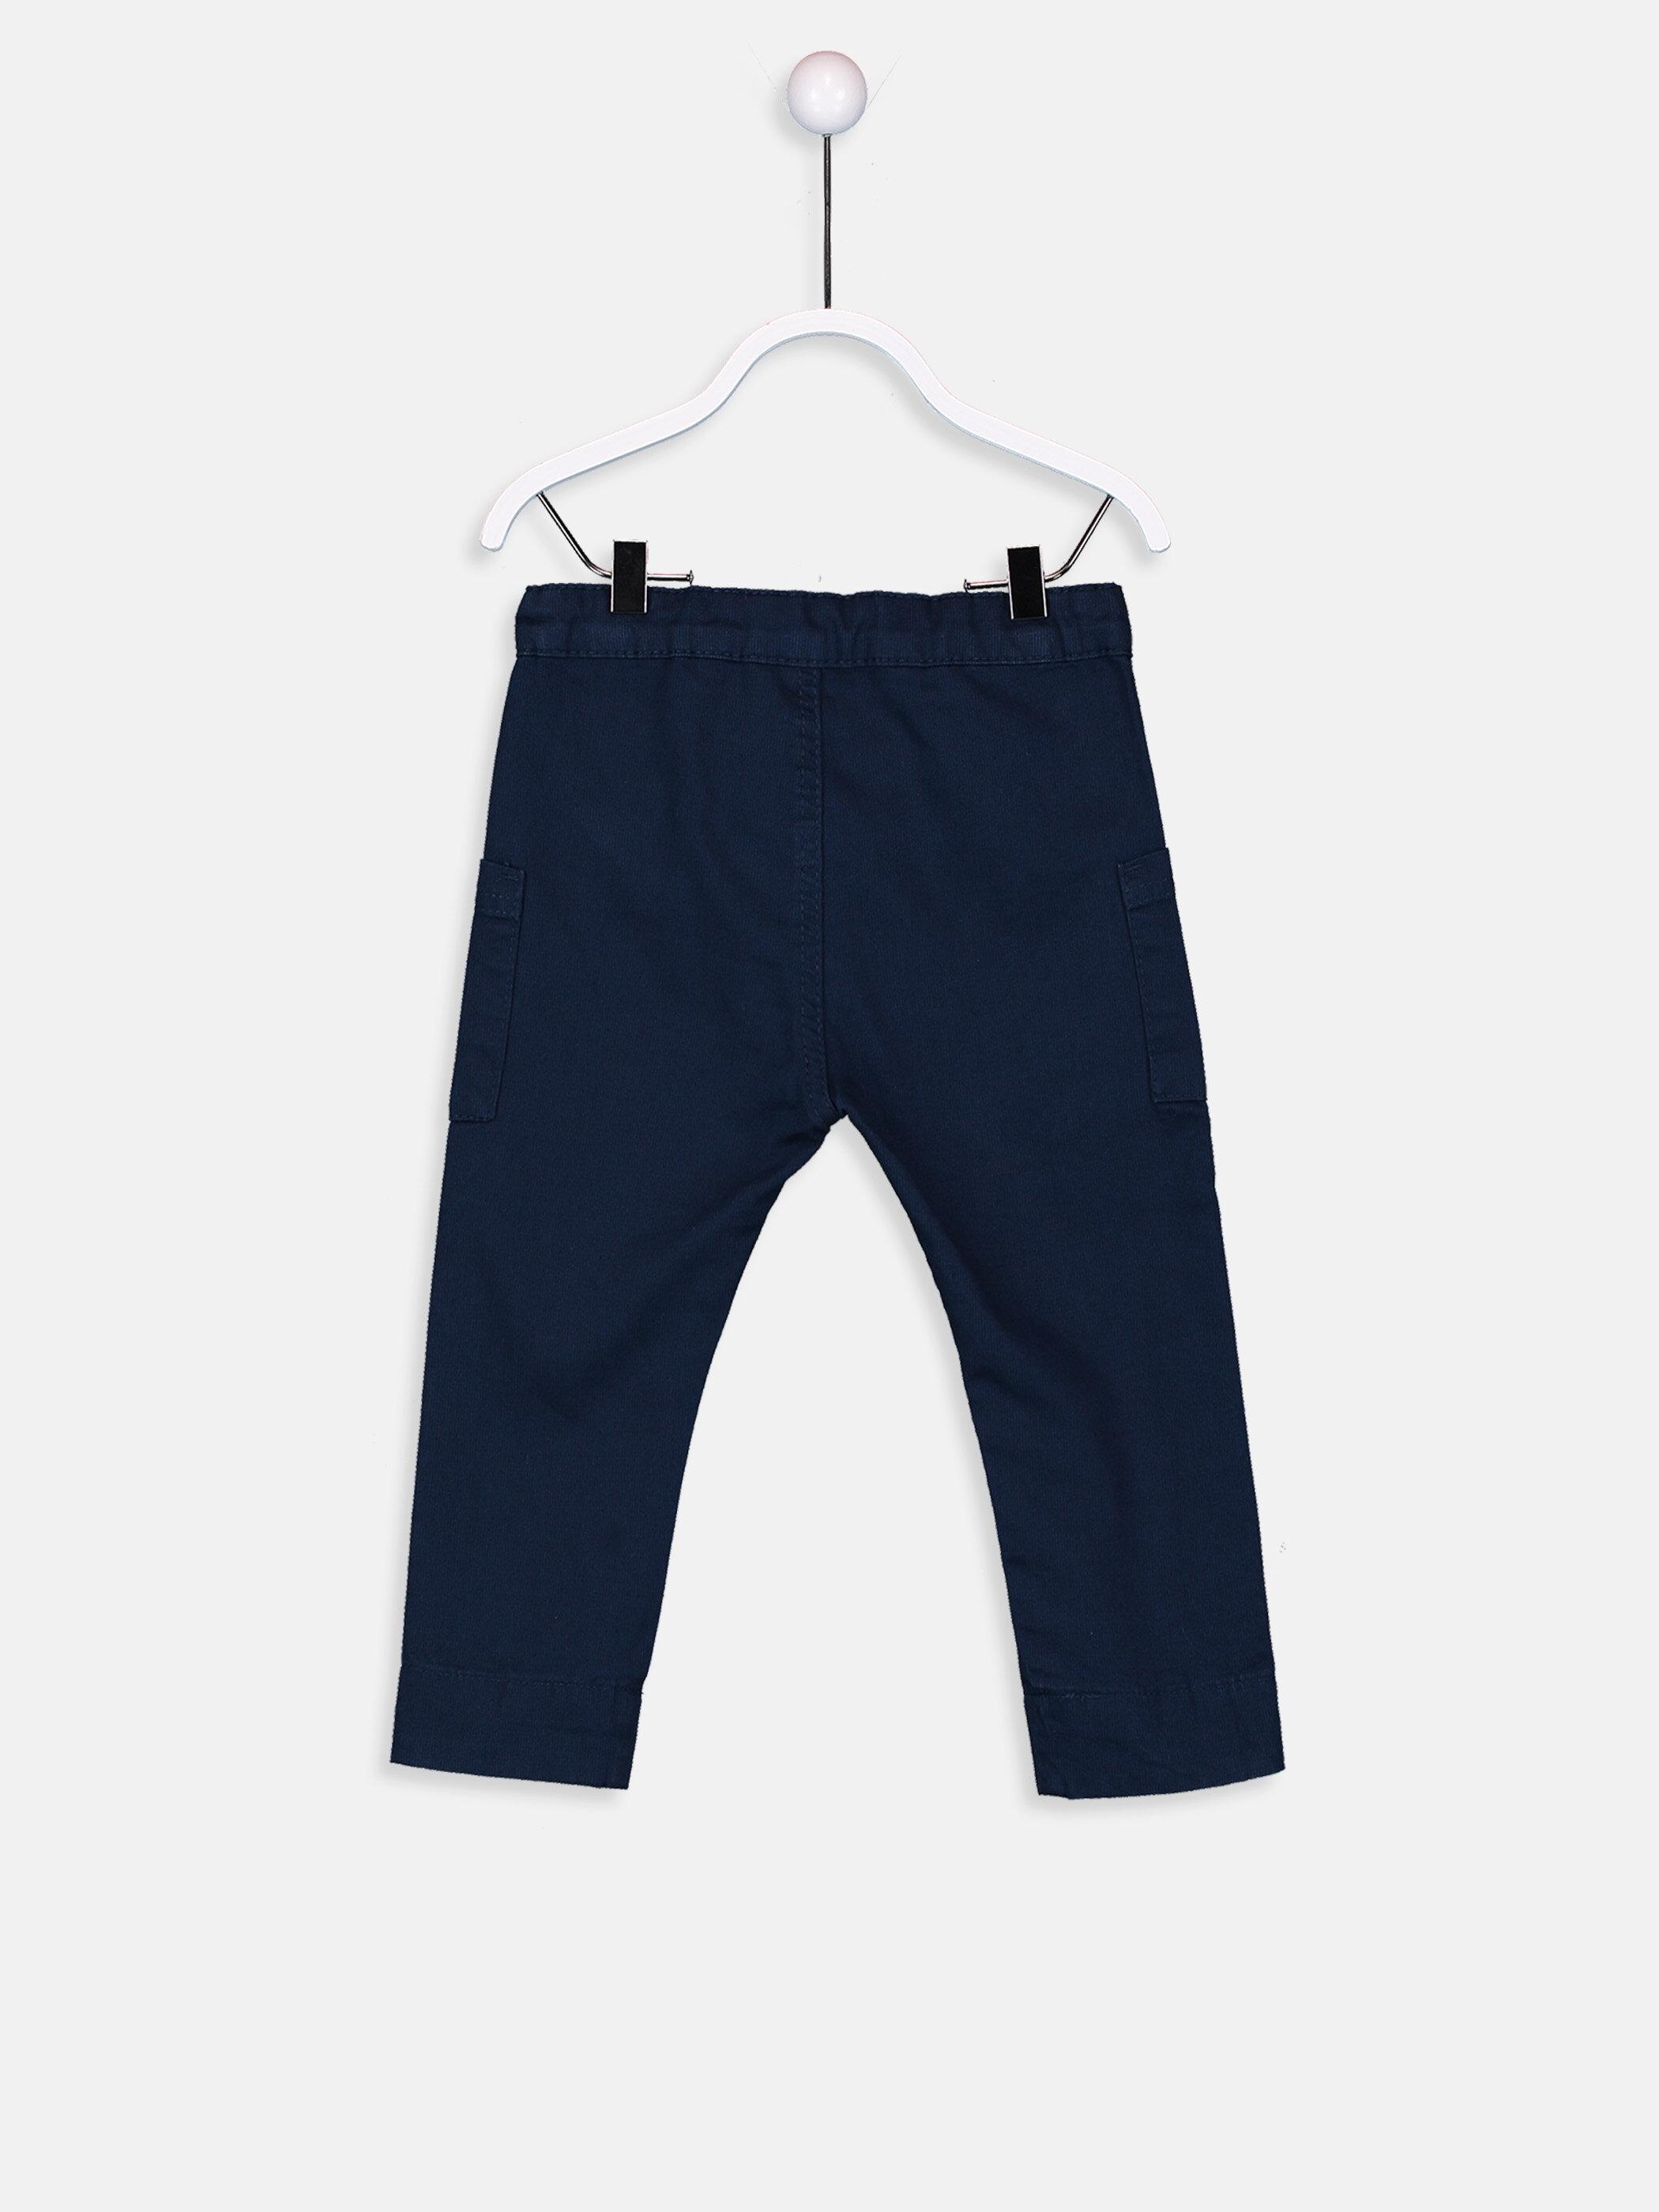 Erkek Bebek Gabardin Harem Pantolon -9S3525Z1-CS0